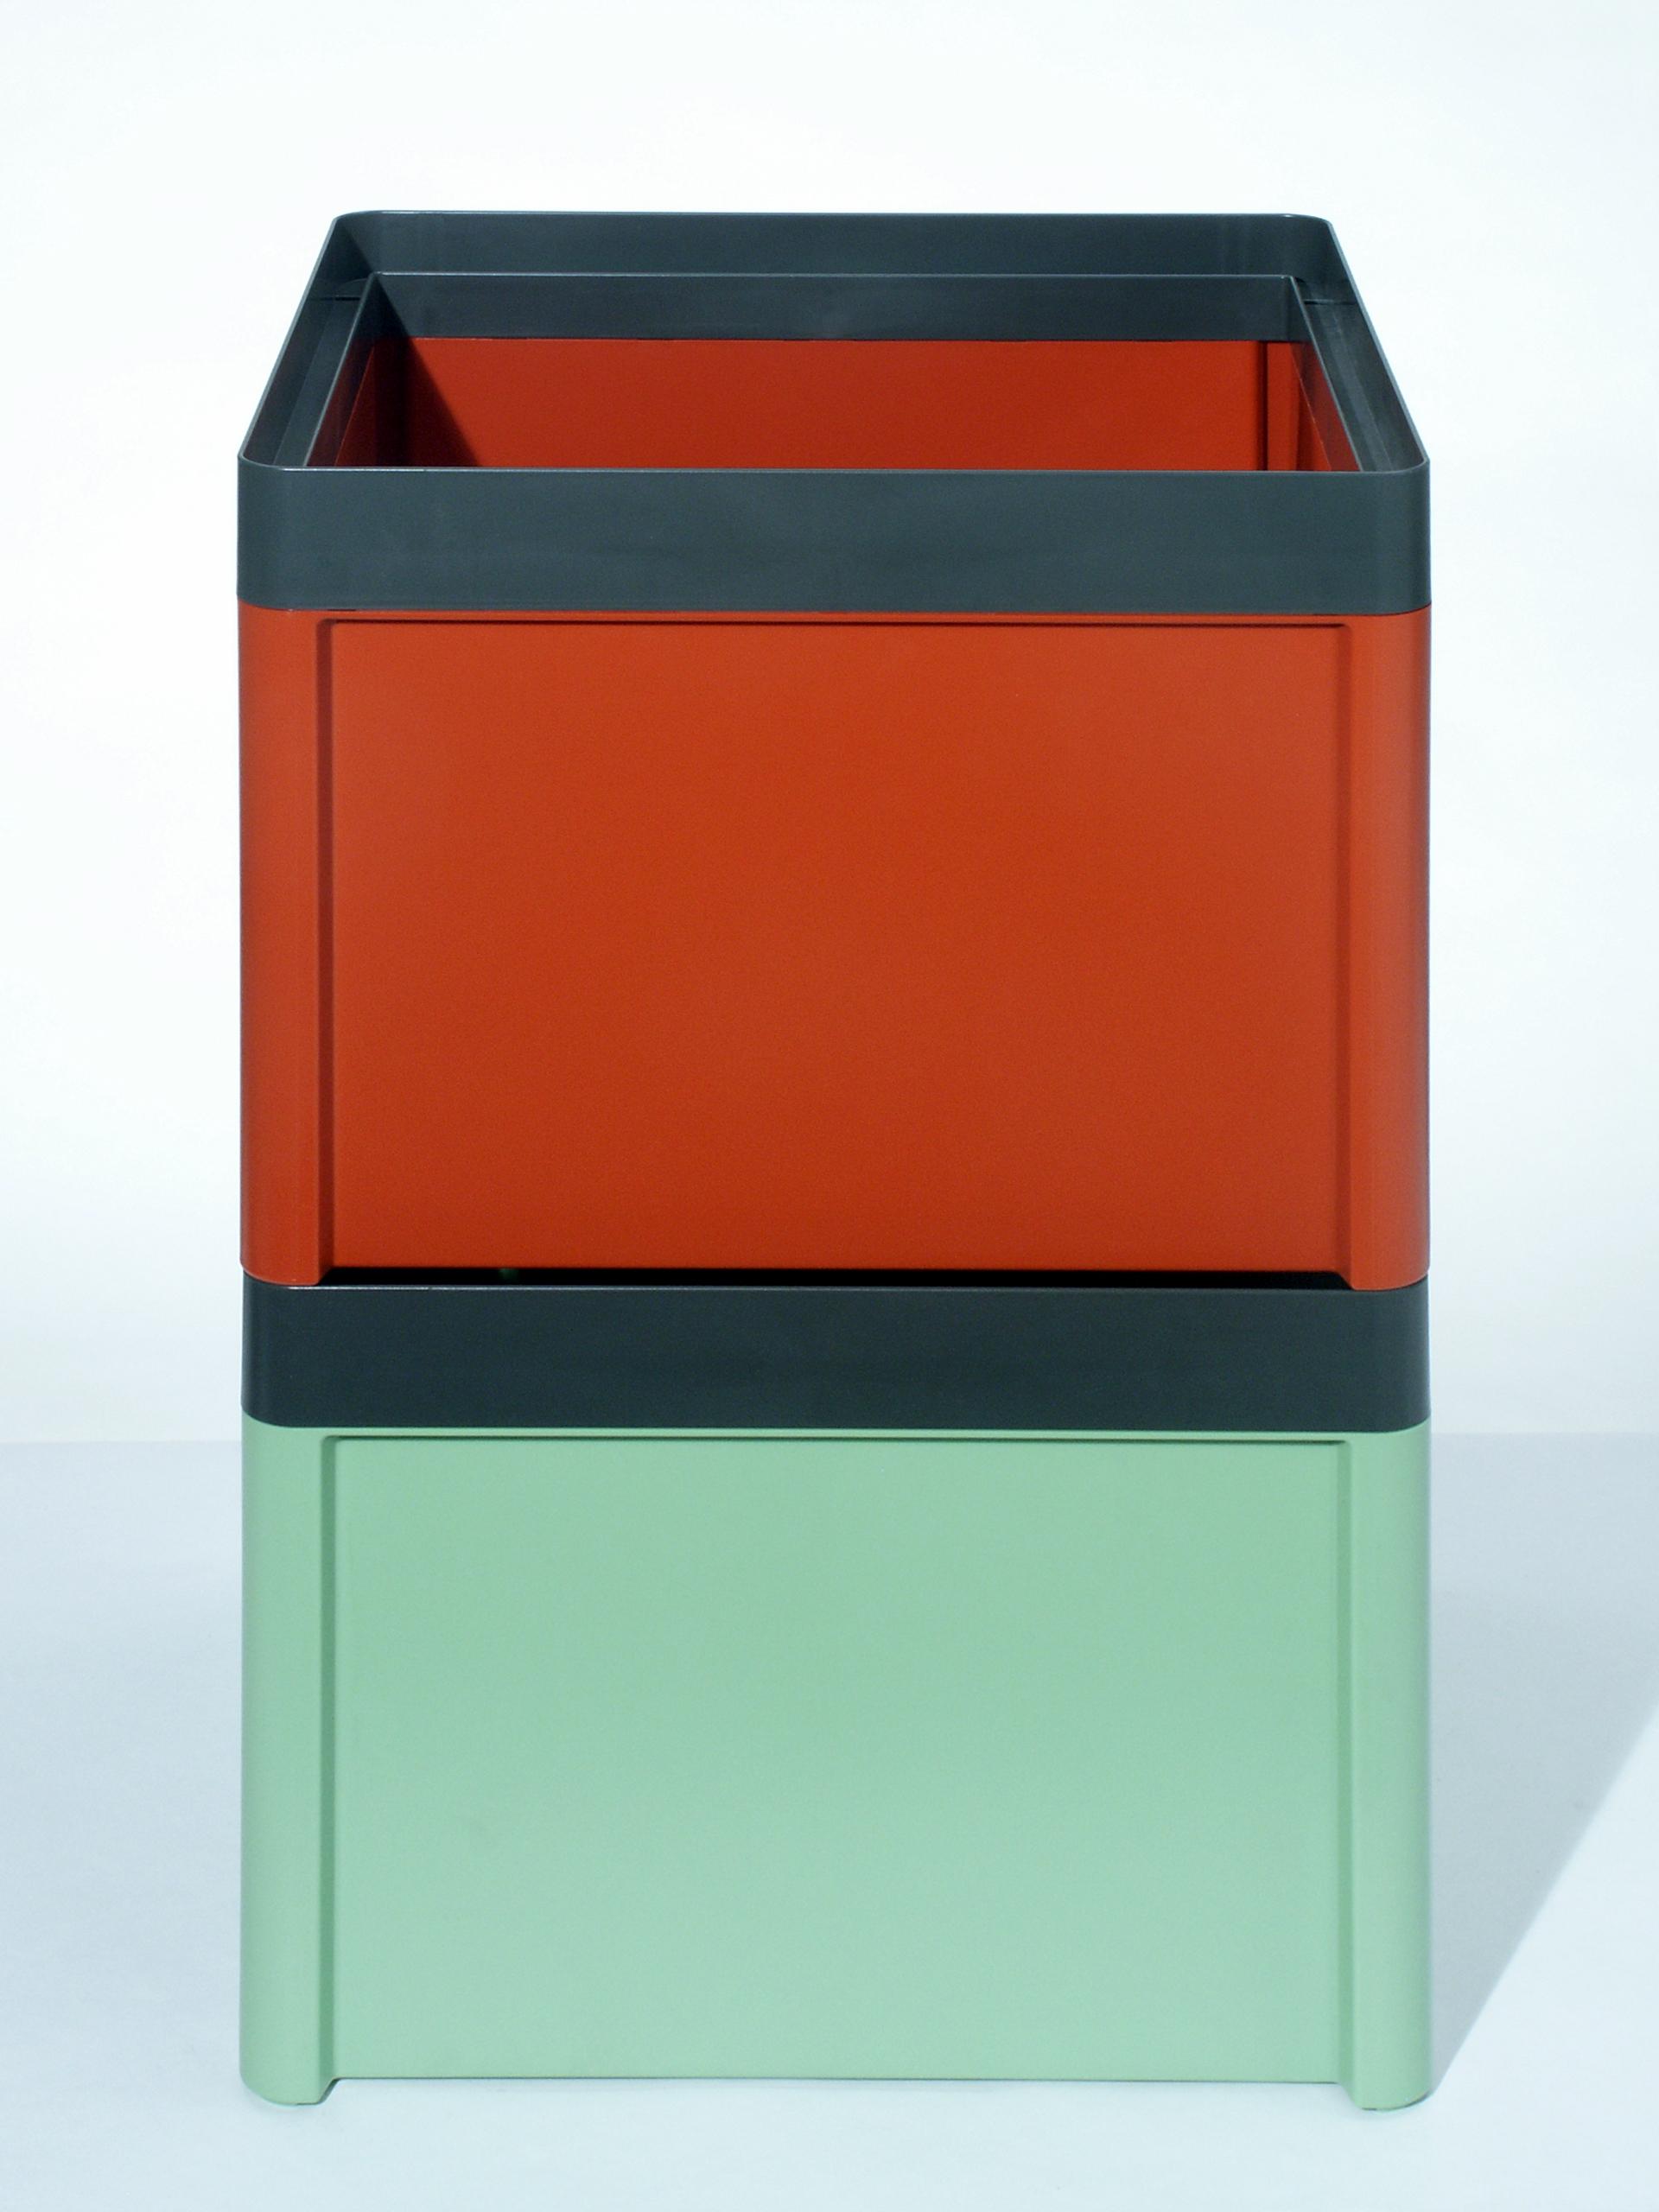 Steelcase_boxes_photos_Ilviophotos_04.jpg